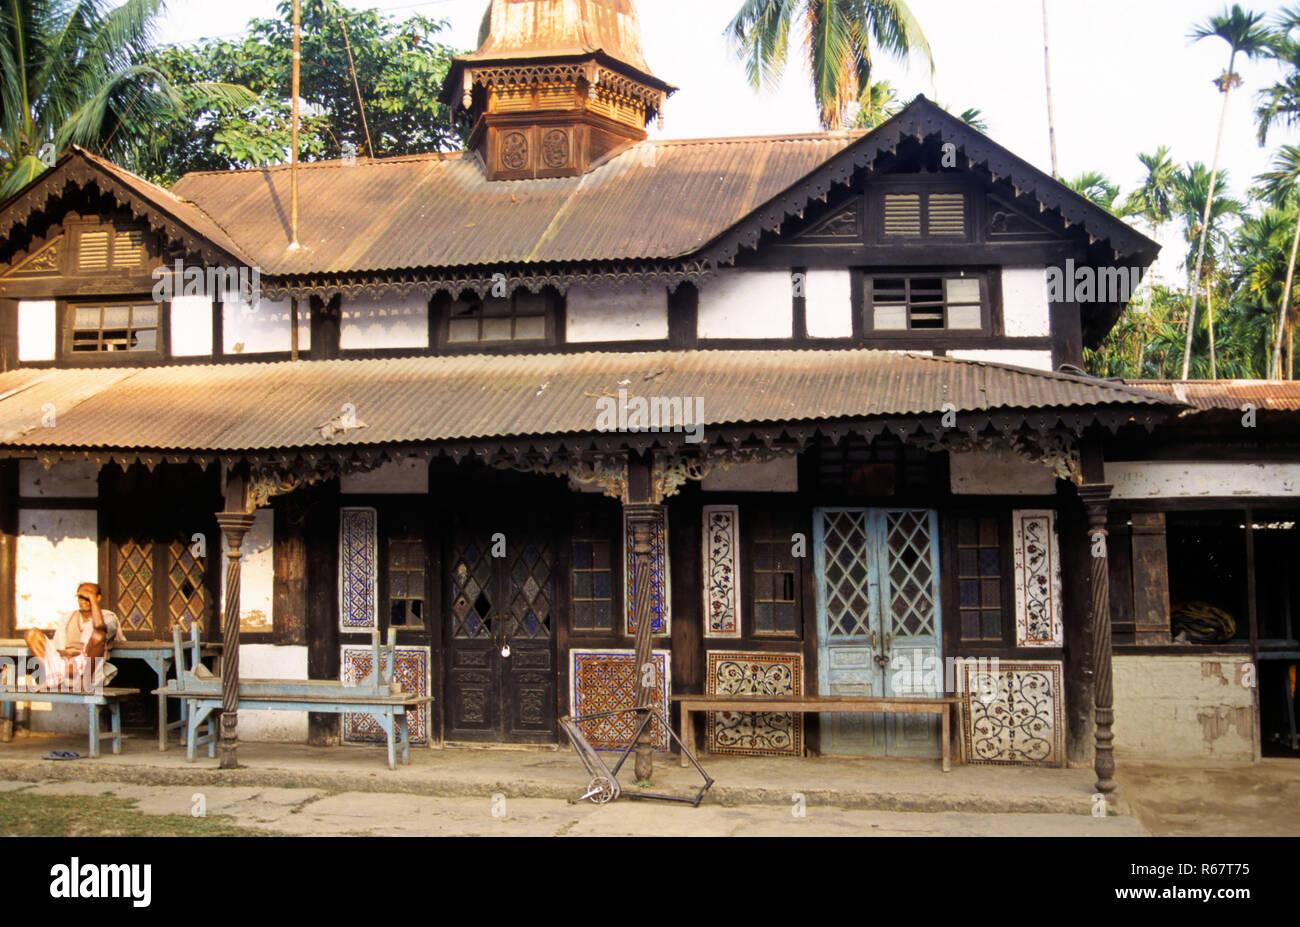 Haus gebaut im Jahr 1983, Guwahati, Assam, Indien Stockbild